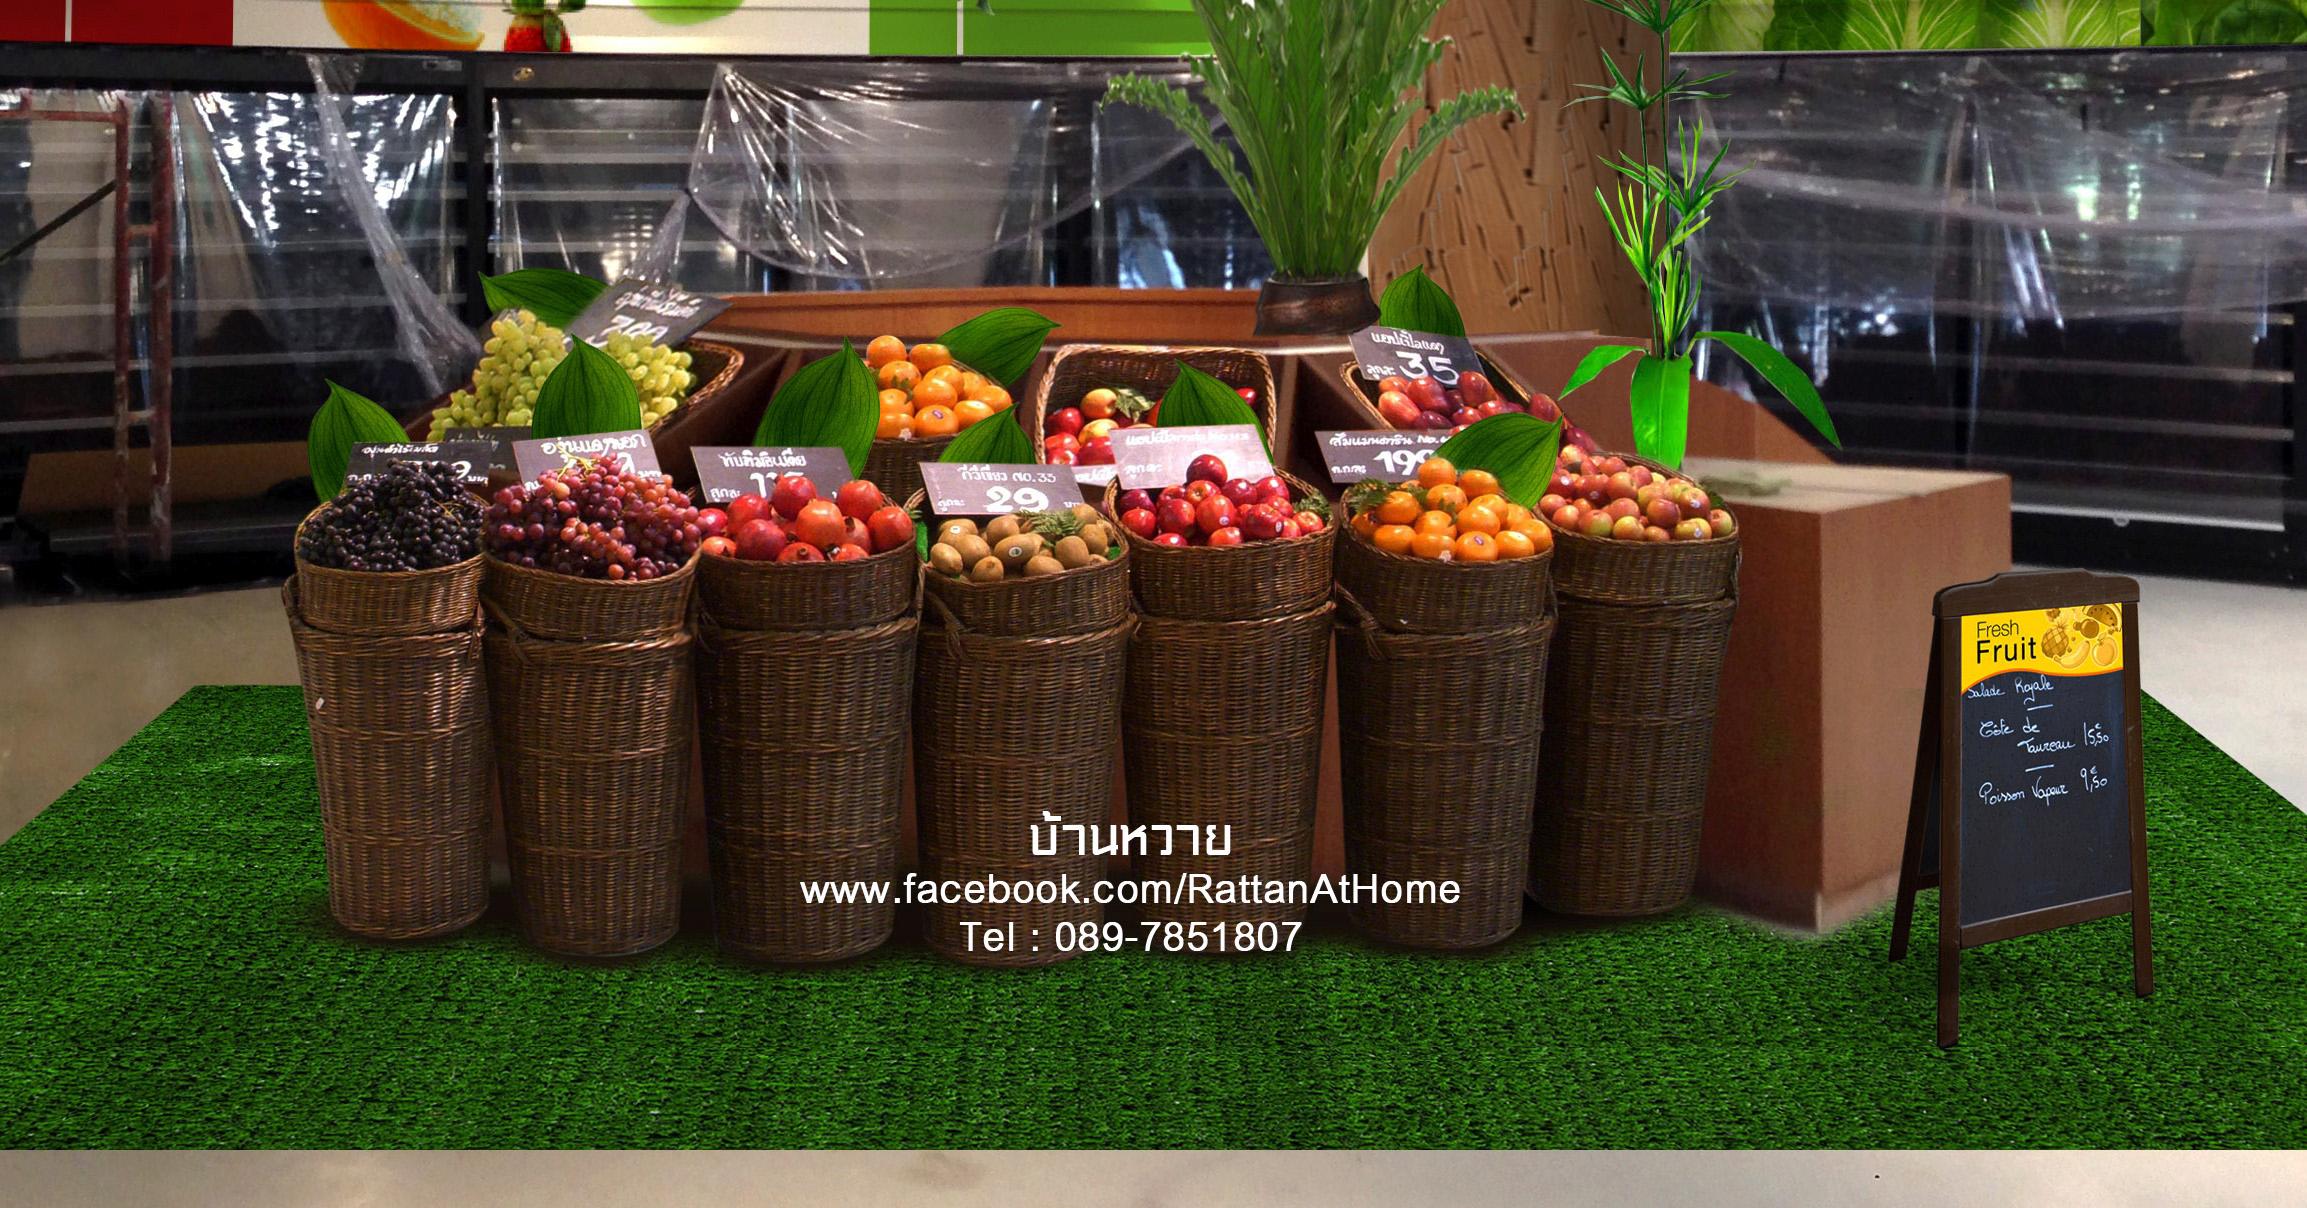 ตะกร้าวางผลไม้ ตะกร้าหวายวางโชว์ผลไม้ ถาดวางผลไม้